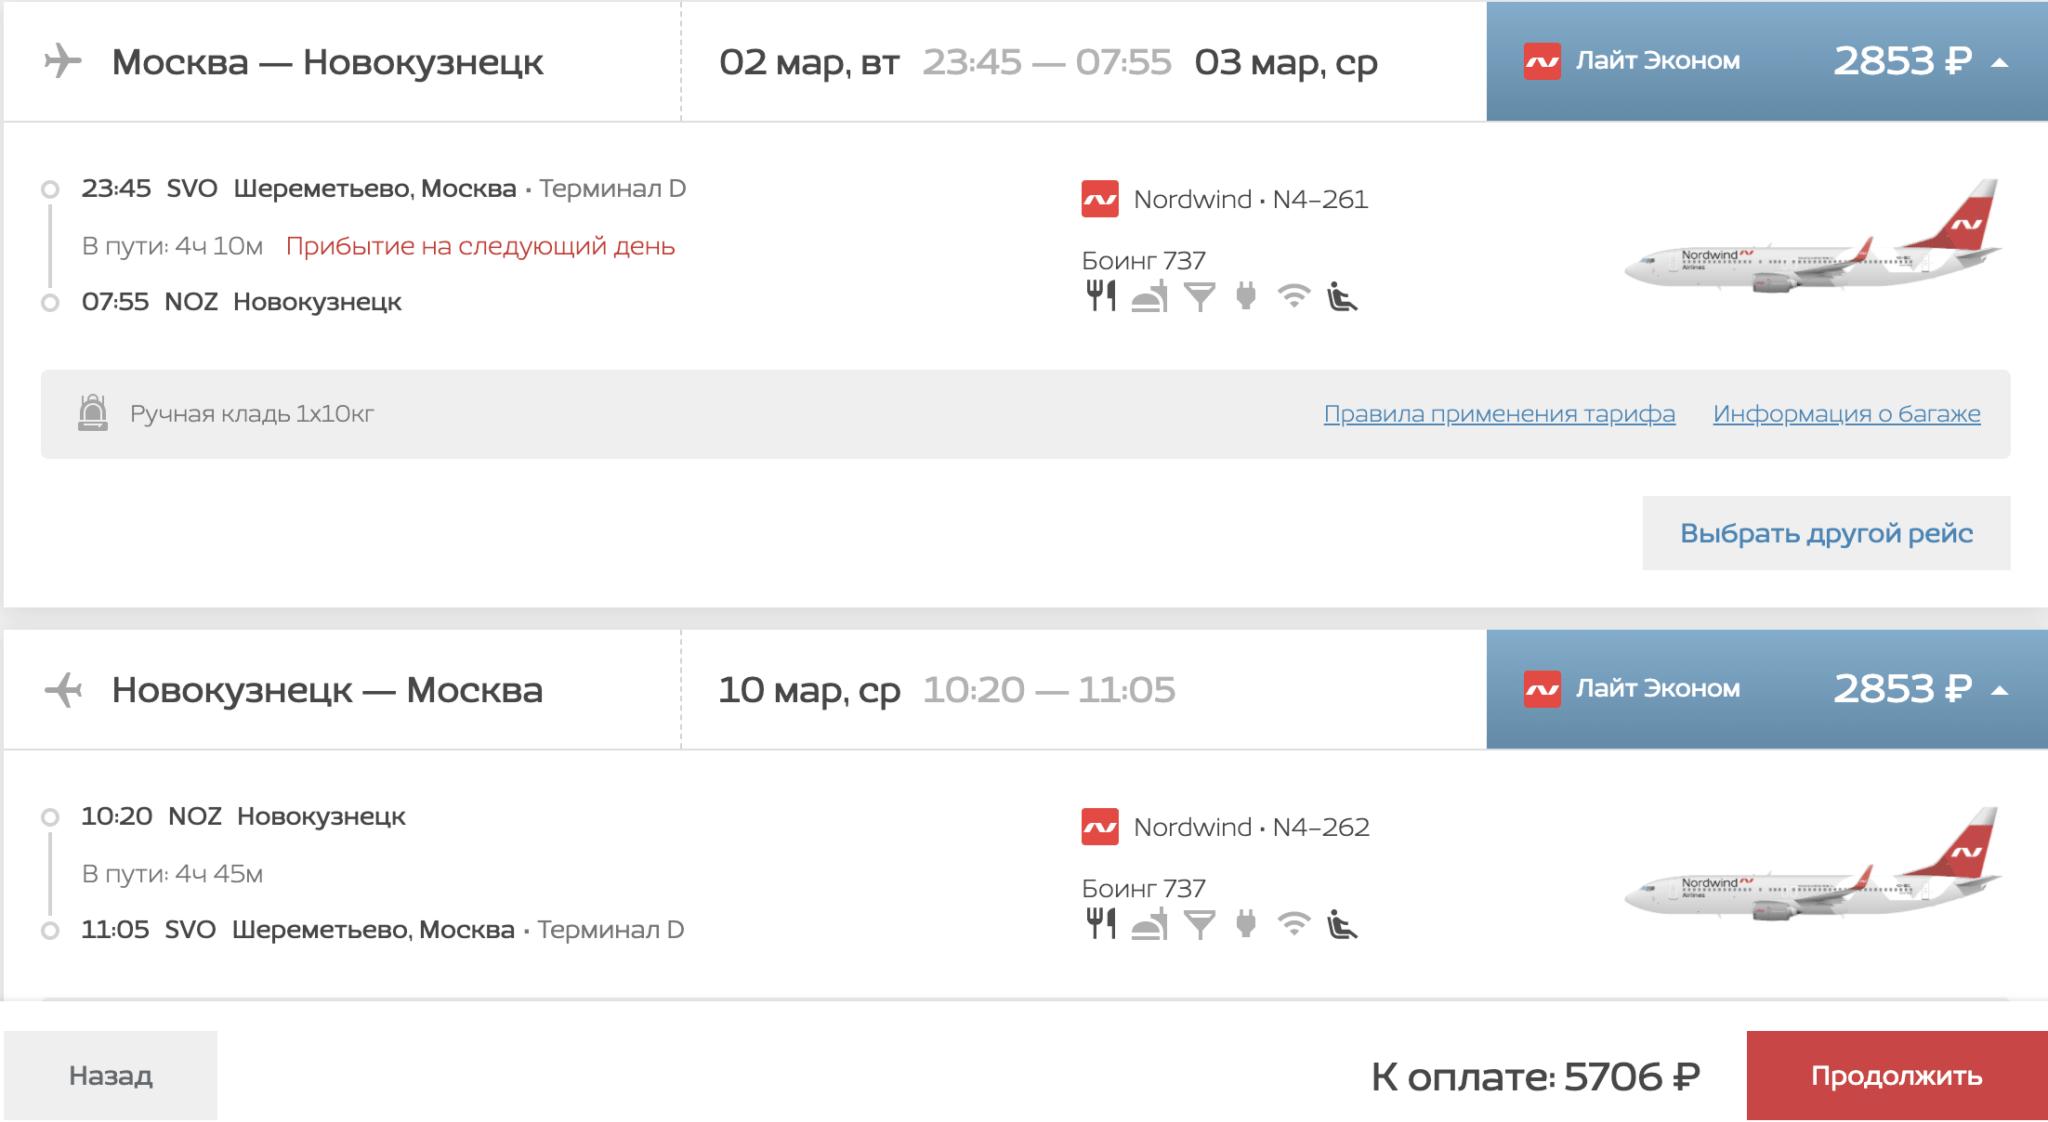 Летим дешево в Оренбург, Орск, Магнитогорск и Новокузнецк из Москвы от 3800₽ туда-обратно